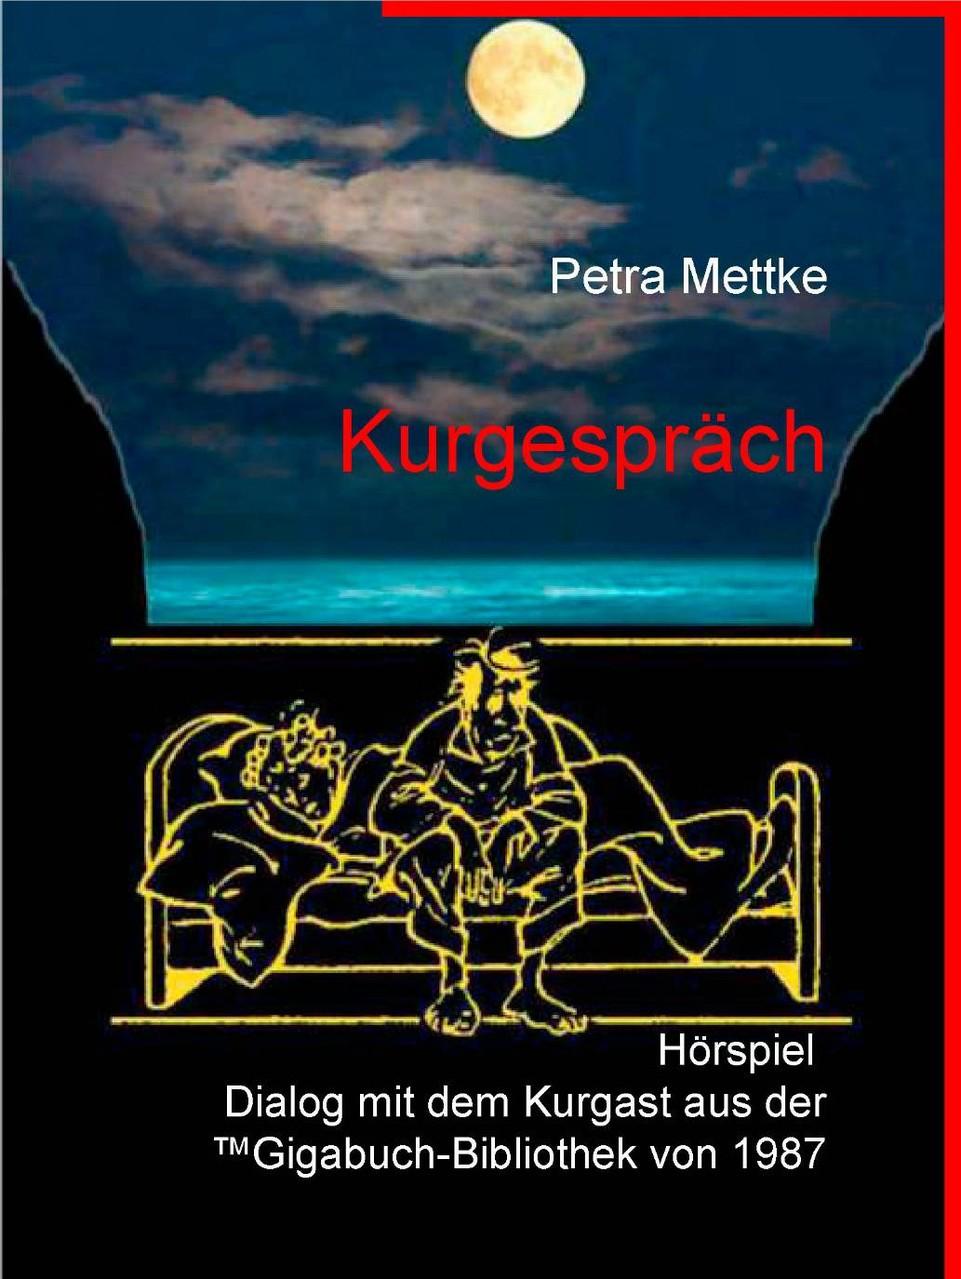 Petra Mettke/Kurgespräch/Hörspielpiel aus der ™Gigabuch Bibliothek von 1990/e-Short  ISBN 9783734712975